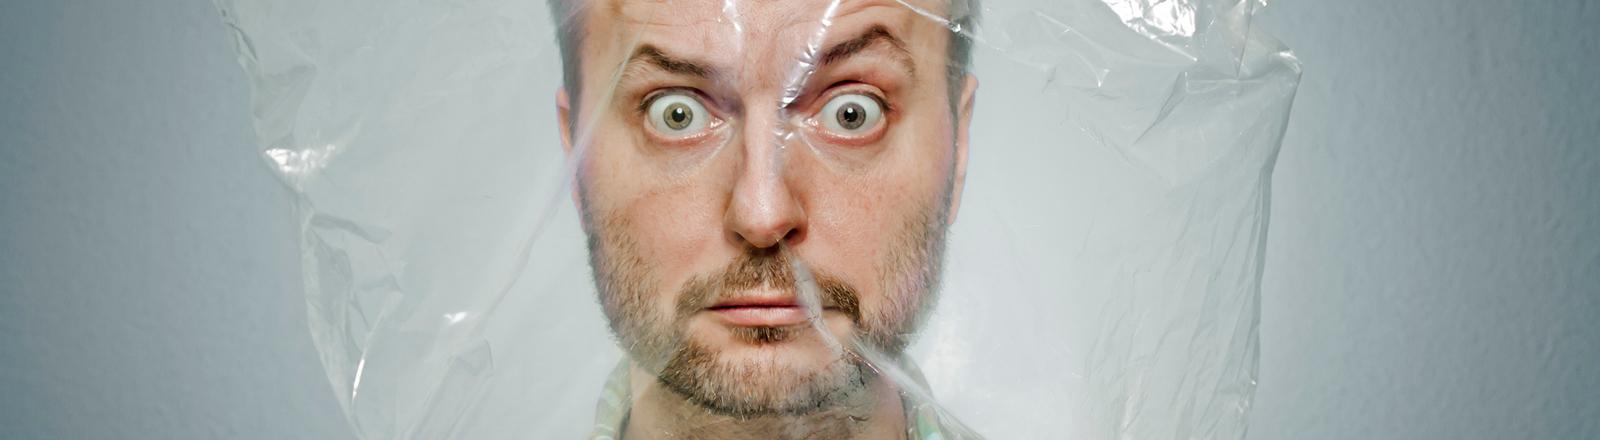 Ein Mann hat sich eine durchsichtige Plastiktüte über den Kopf gezogen und schaut direkt in die Kamera.